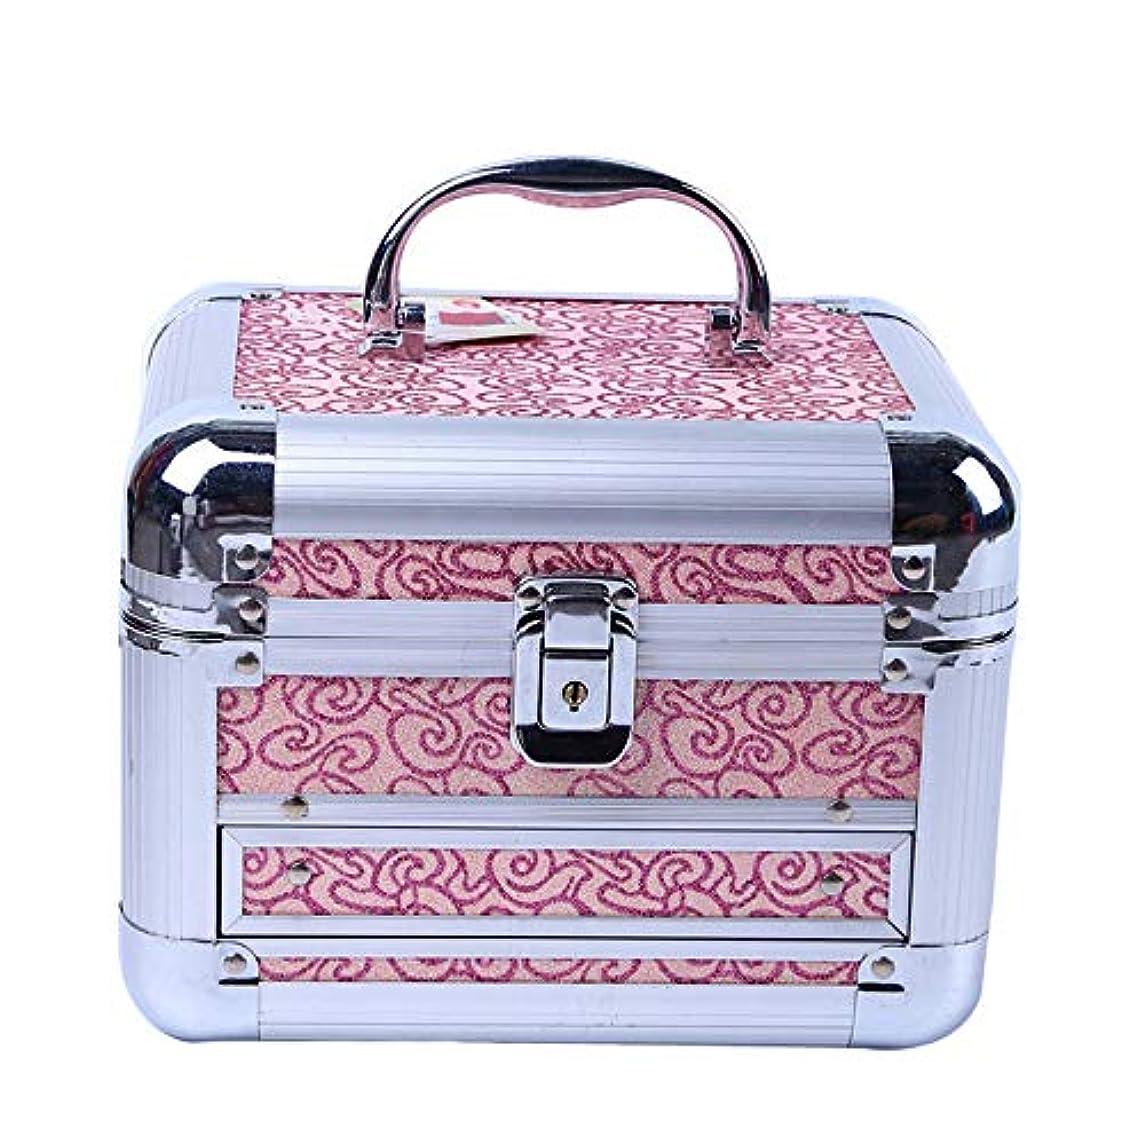 指紋描く真夜中化粧オーガナイザーバッグ 美容メイクアップのための大容量ポータブル化粧ケース、女子女性のための化粧鏡と折り畳みトレイと旅行と毎日のストレージ 化粧品ケース